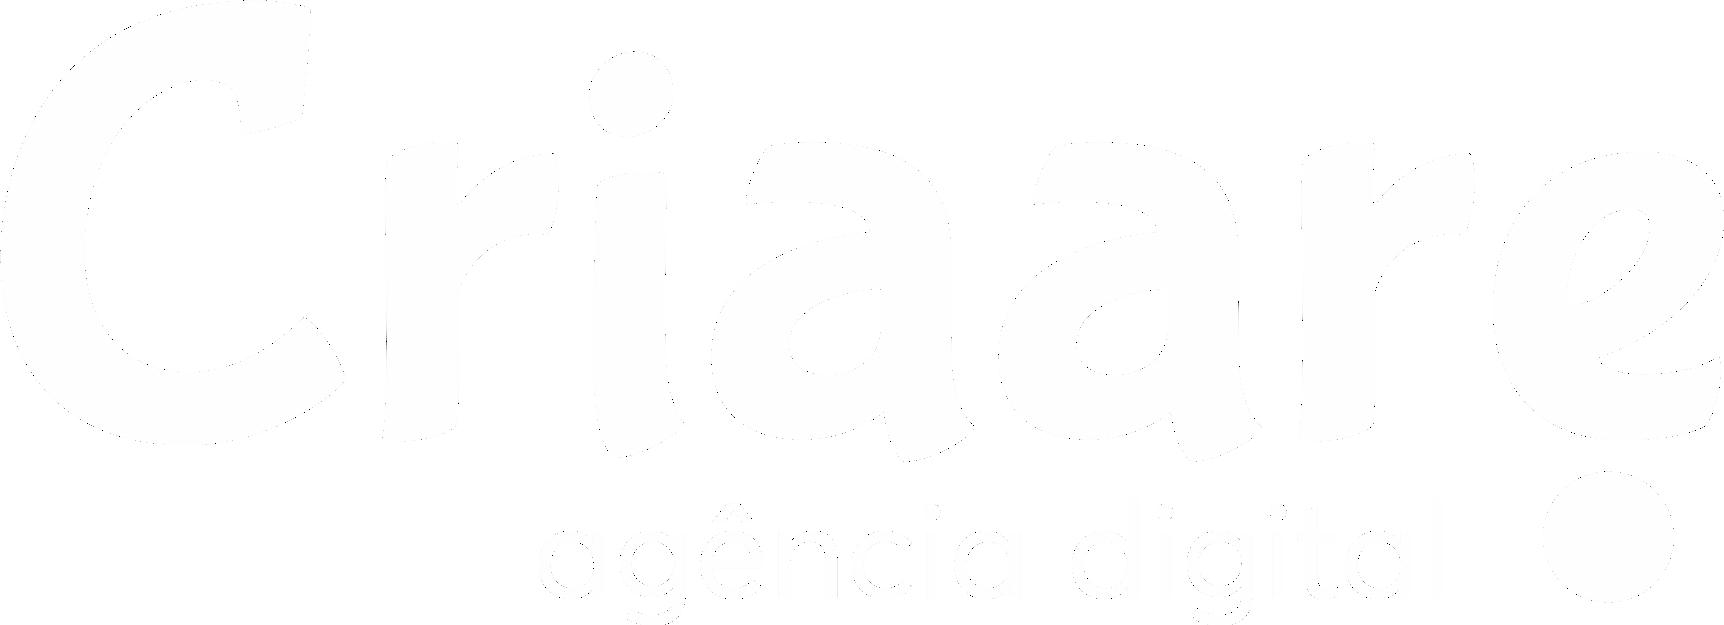 Criaare agencia digital em Cerquilho, Tietê, Tatuí